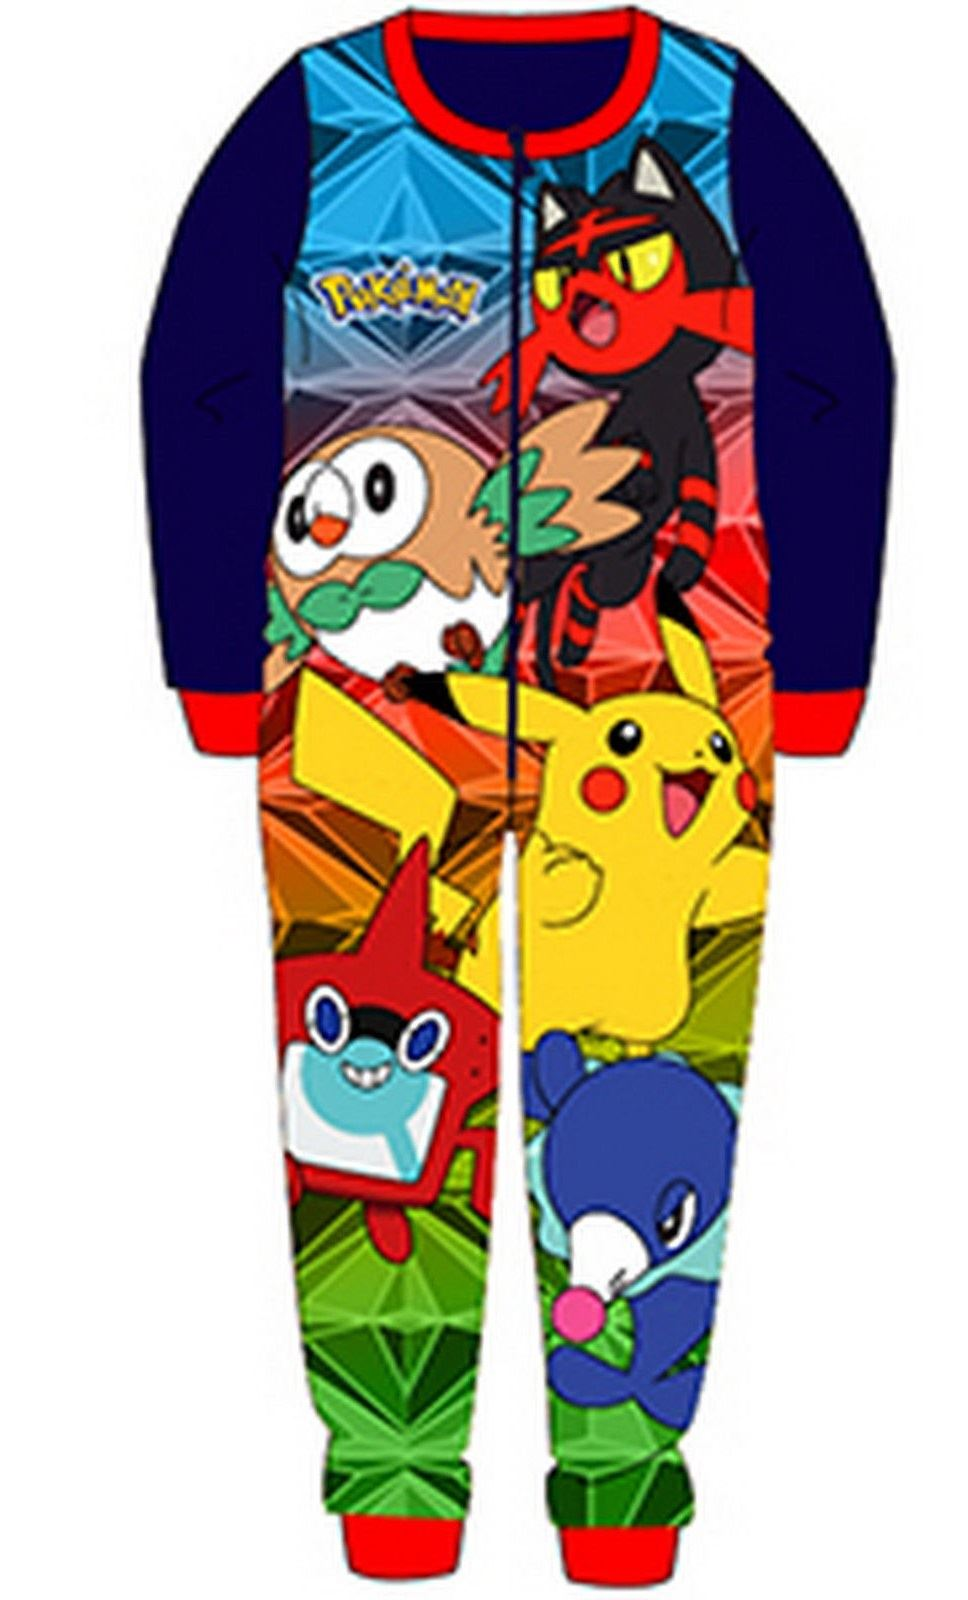 d1b6f14baf Ragazzi Pile Personaggio Pokemon Tutto in Intero Bambini ...